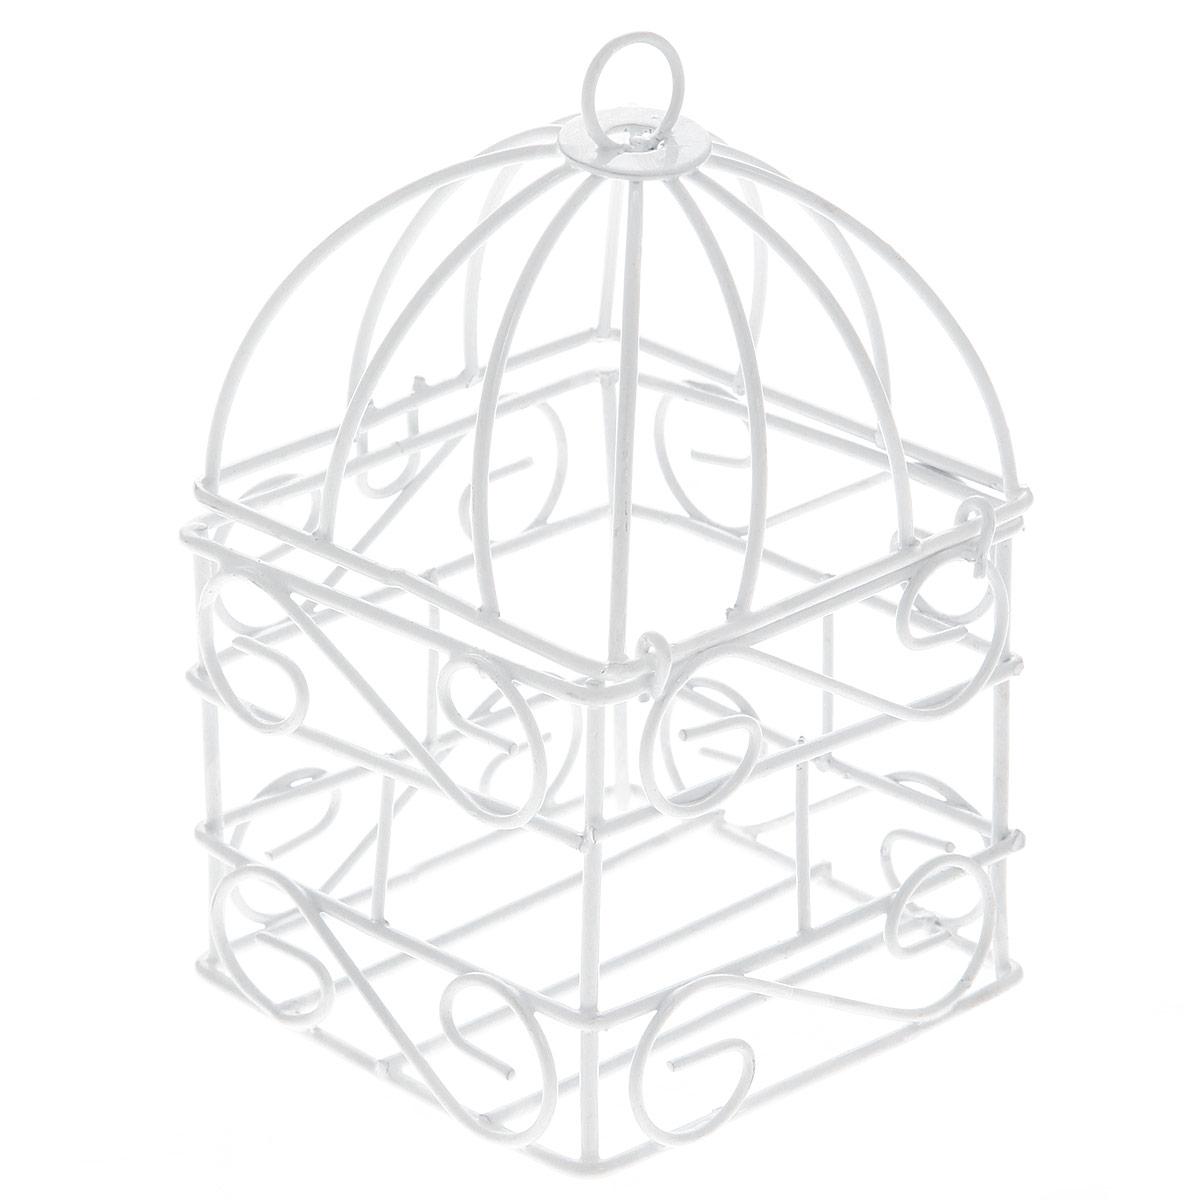 Клетка декоративная ScrapBerrys, цвет: белый, 6 х 6 х 10 см74-0120Декоративная клетка ScrapBerrys выполнена из высококачественного металла. Изделие украшено изящными коваными узорами. Изделие оснащено крышкой, которая закрывается на специальный замок. На крышке имеется крючок, за который клетку можно повесить в любое удобное место. Такая клетка подойдет для декора интерьера дома или офиса. Кроме того - это отличный вариант подарка для ваших близких и друзей.